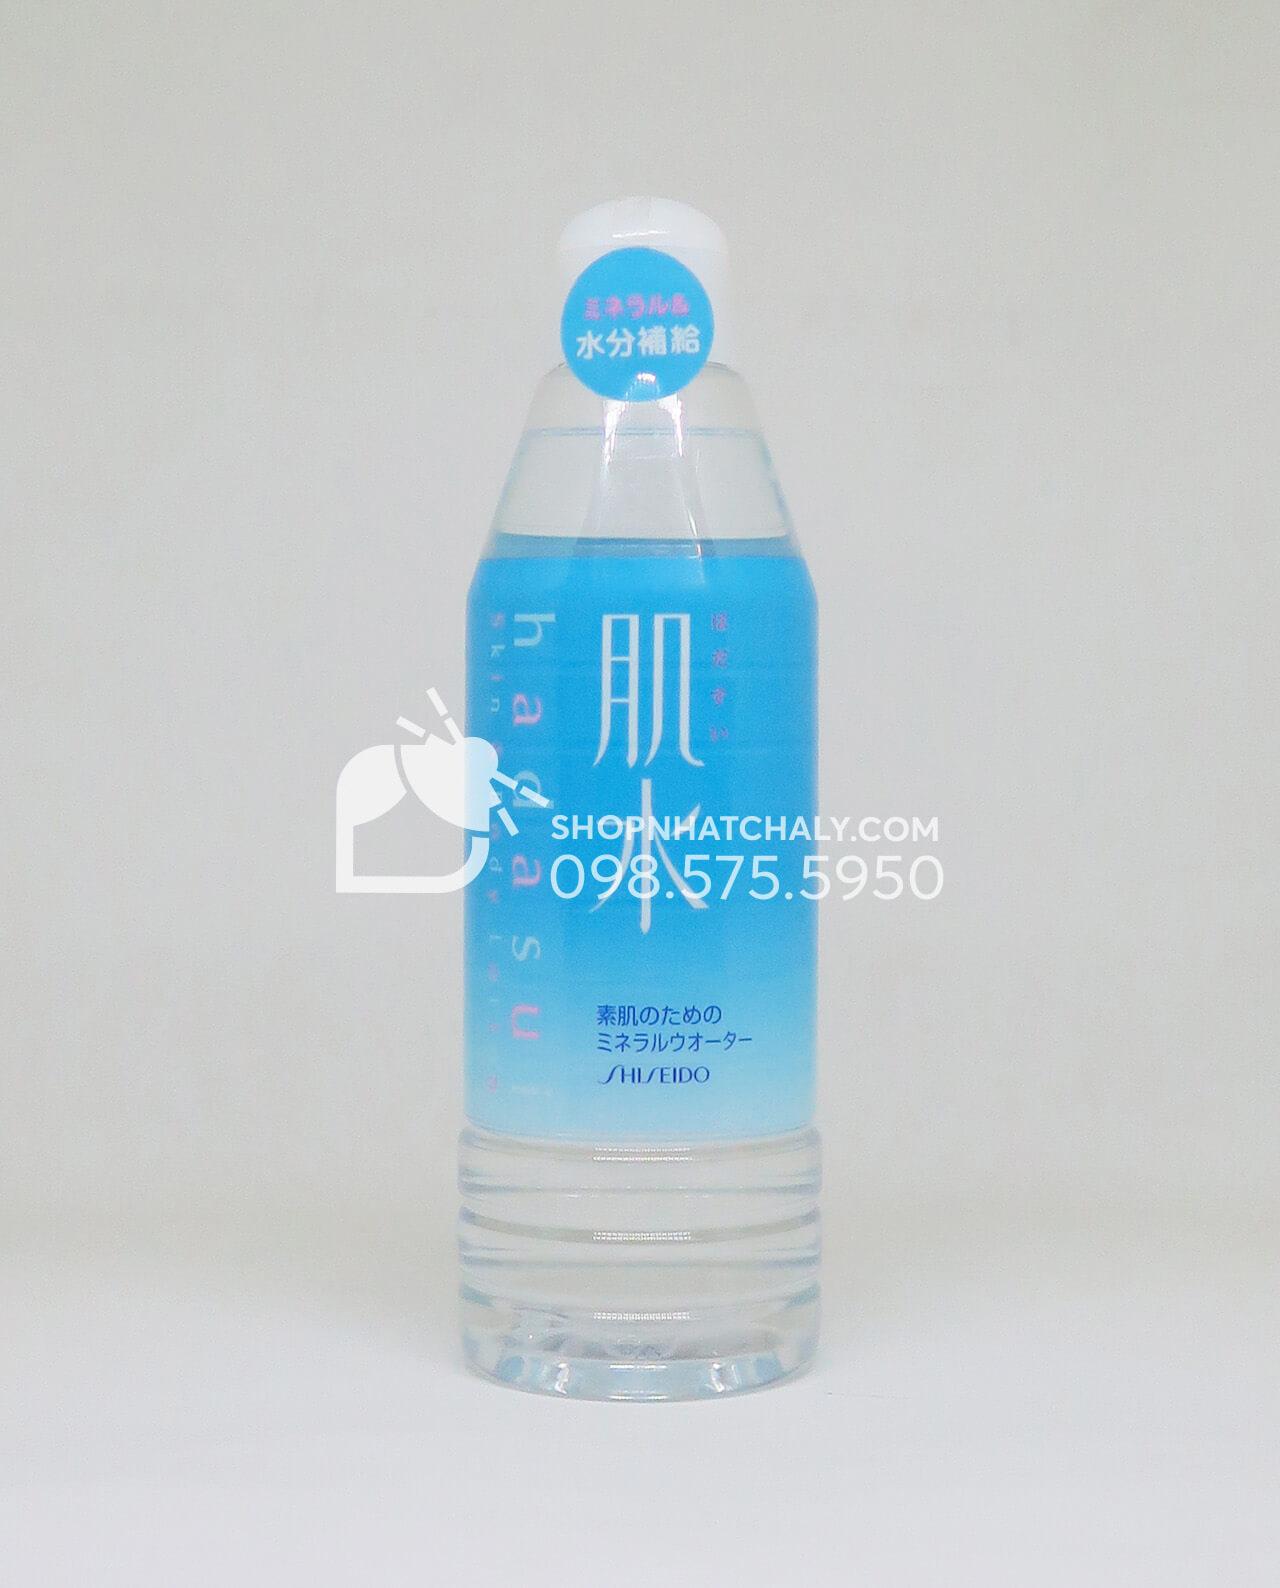 Nước xịt khoáng Shiseido Hadasui 400ml Nhật Bản xanh Mineral water